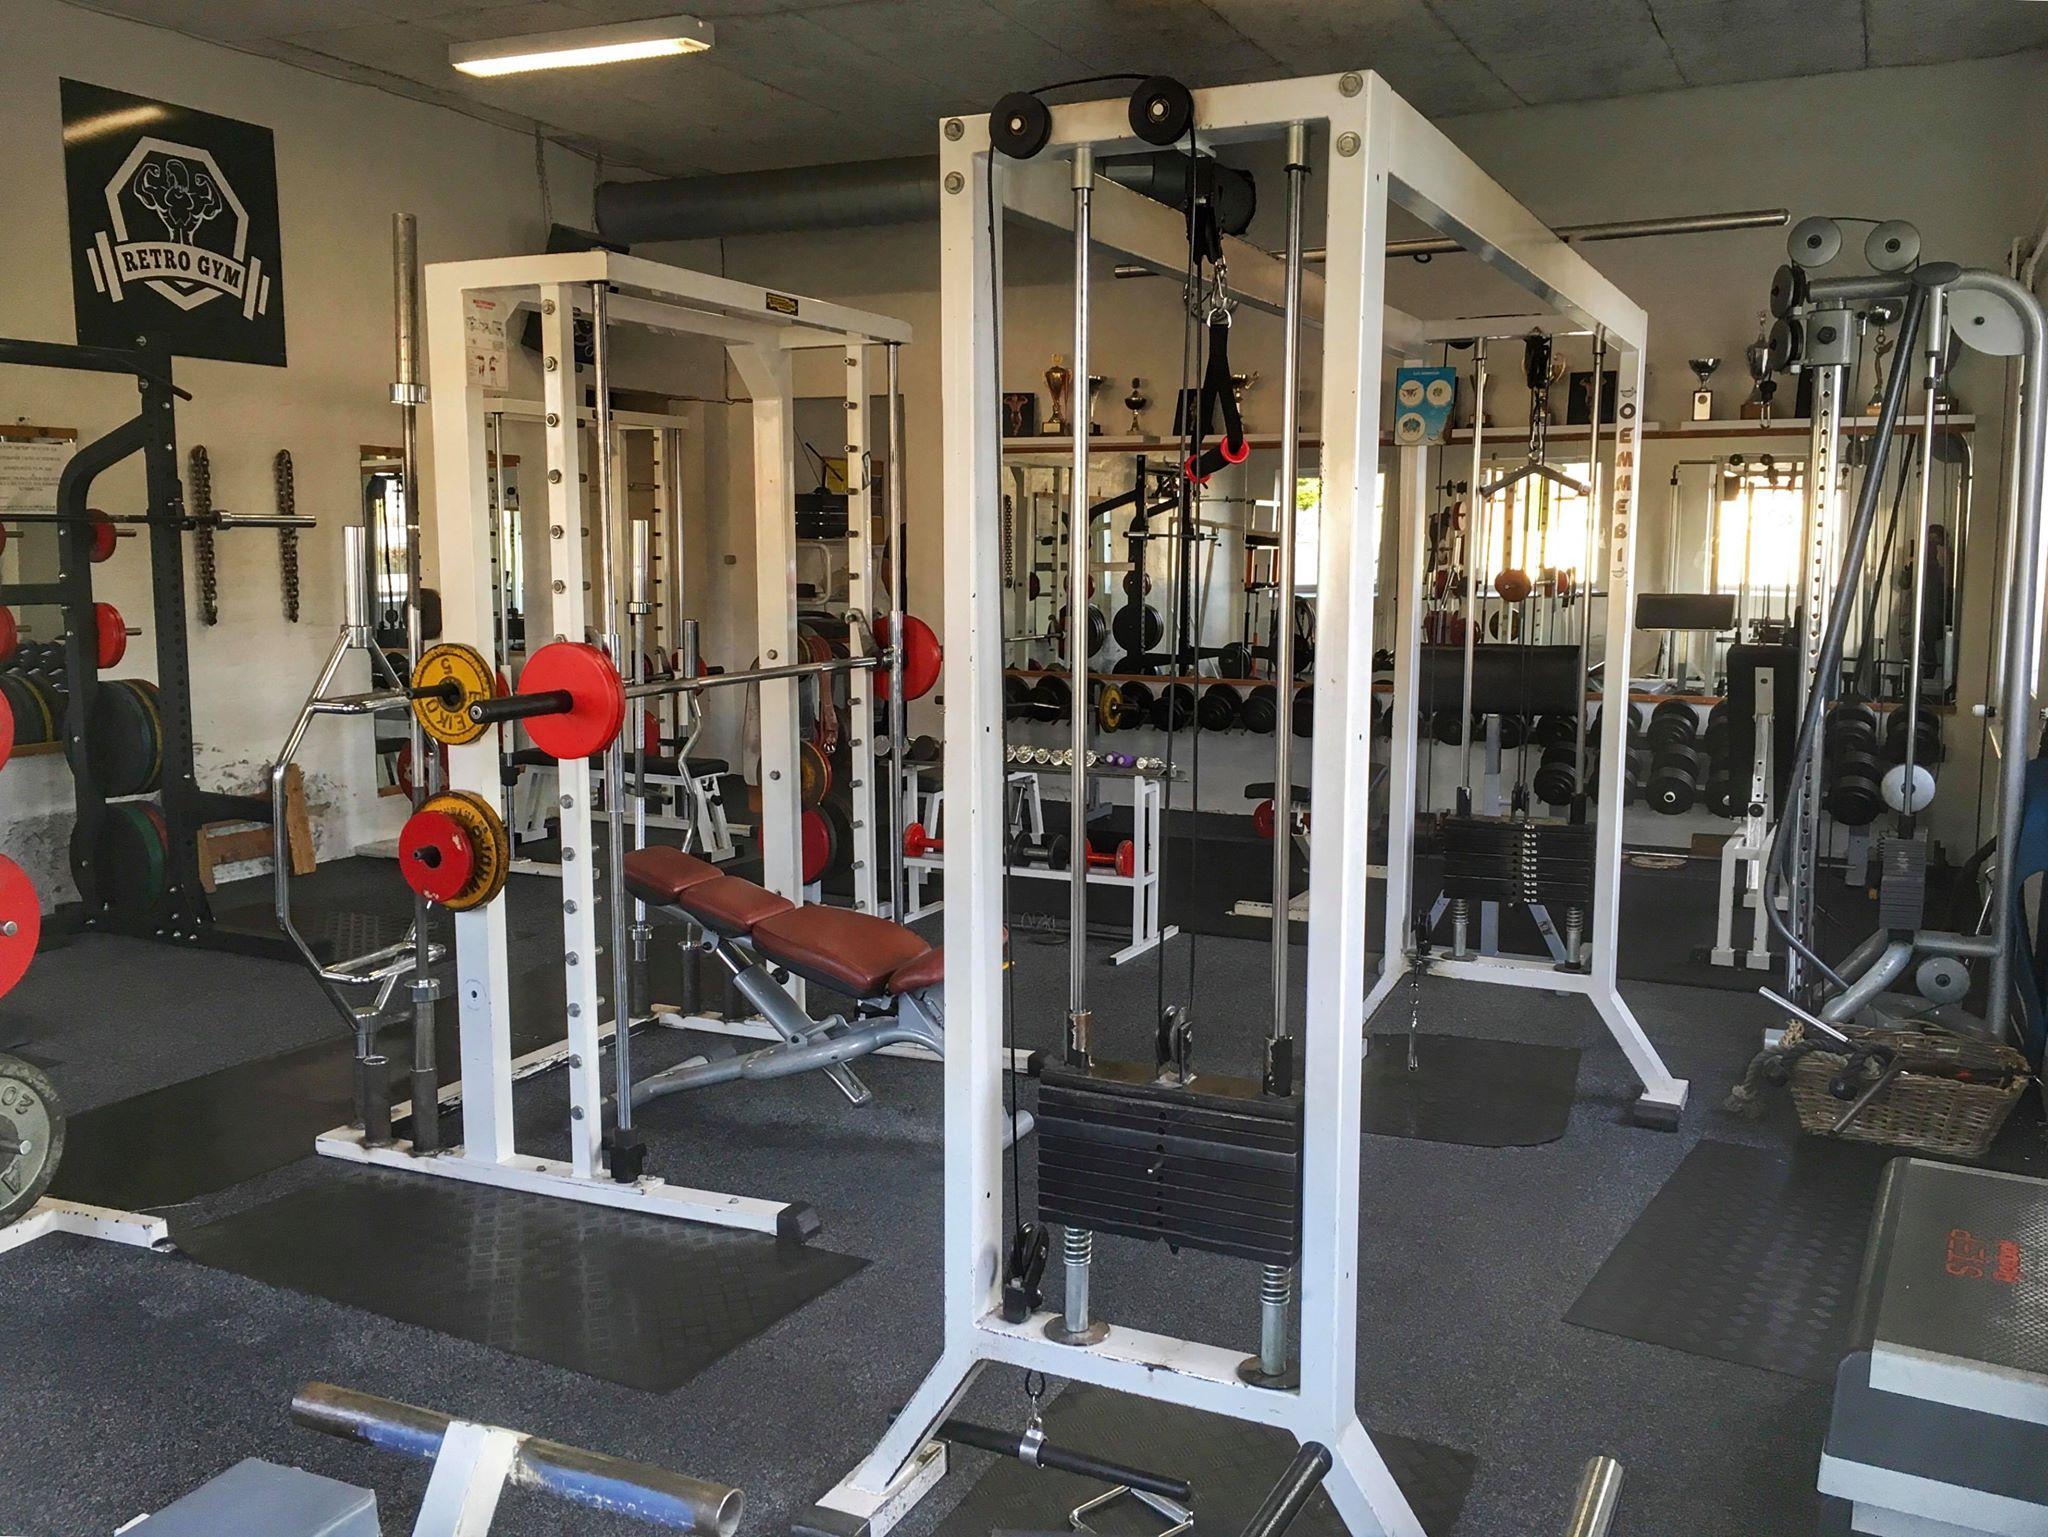 Træningscenter i Ringe - Kabelmaskiner